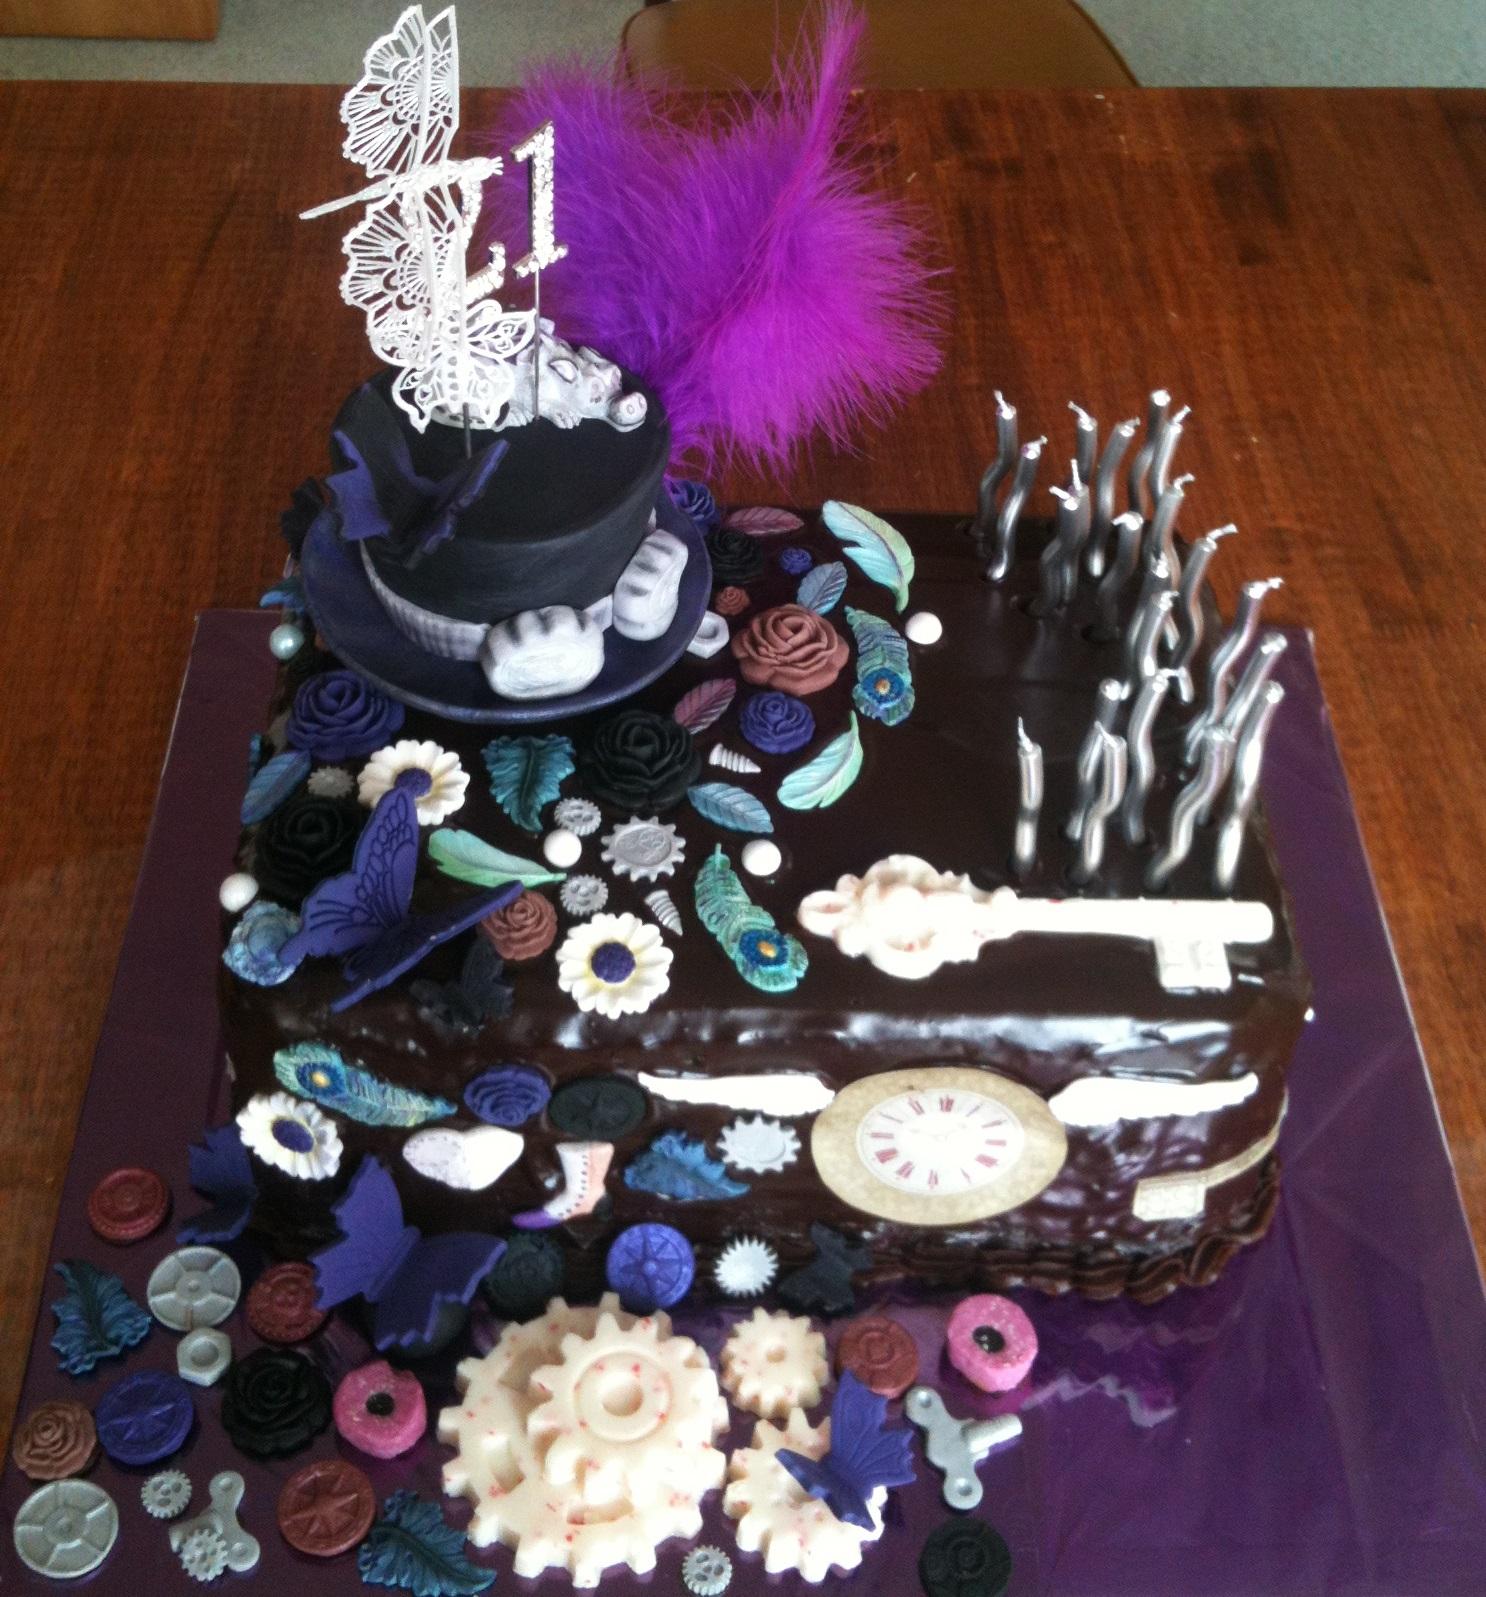 Kiwi Cakes Steampunk 21st Birthday Cake